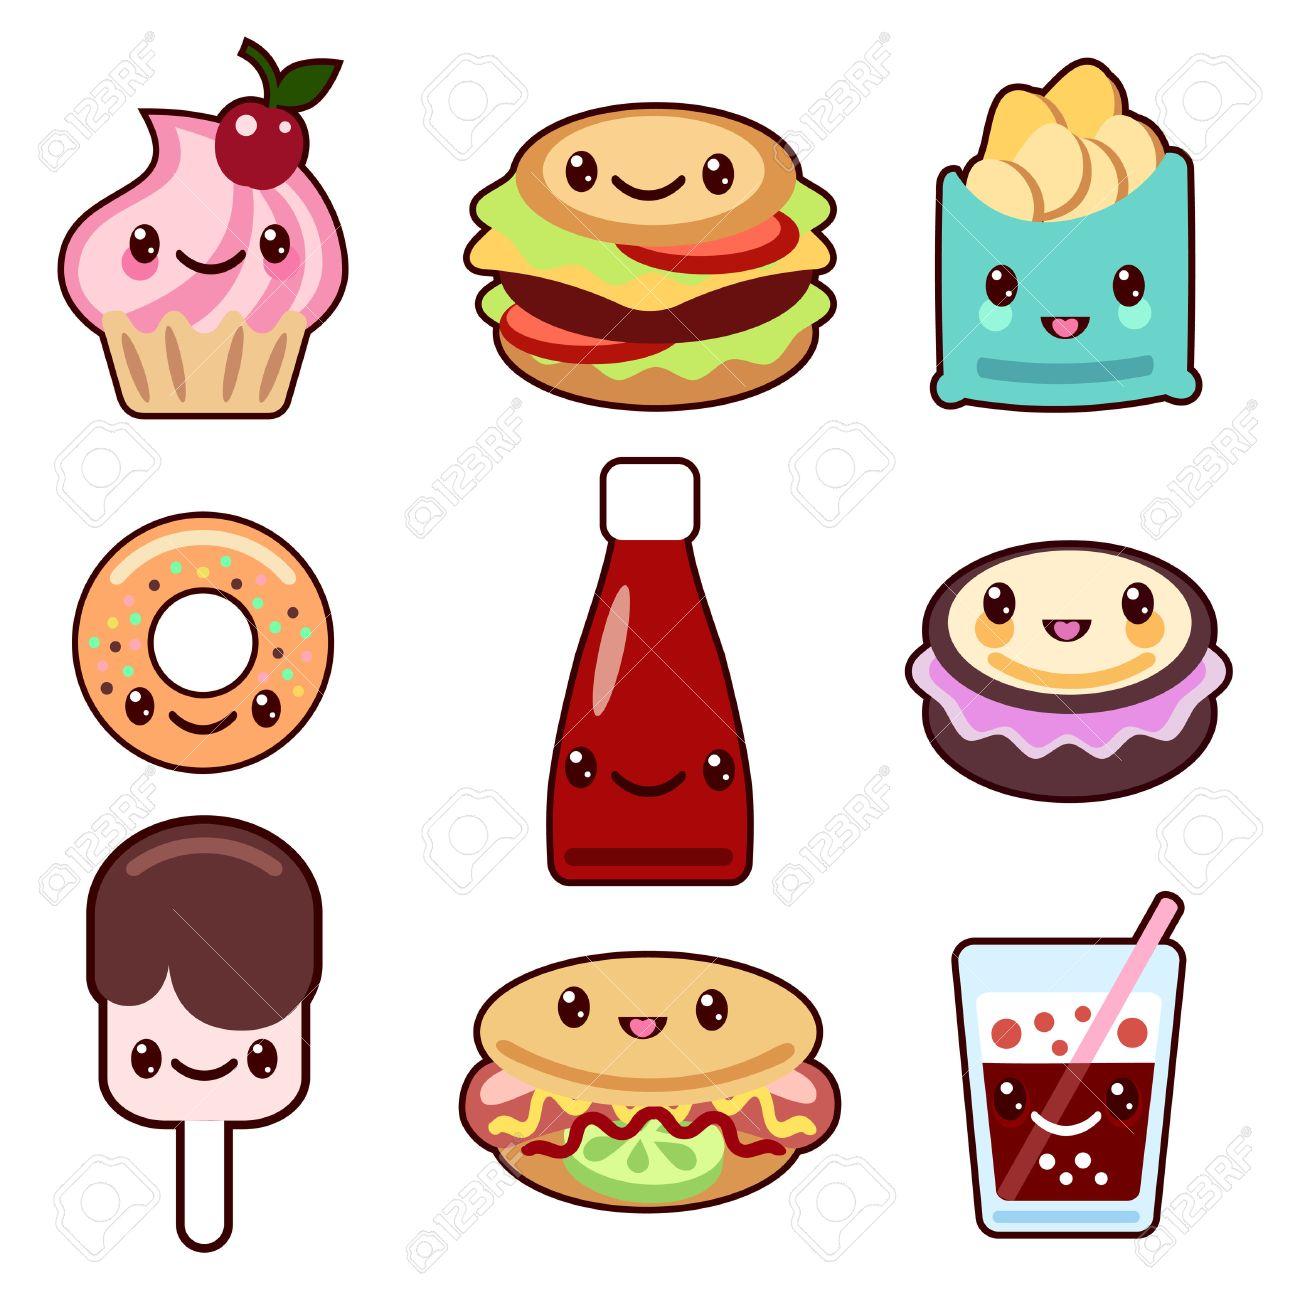 Conjunto De Vectores De Comida Rápida Y La Fruta Personajes Kawaii